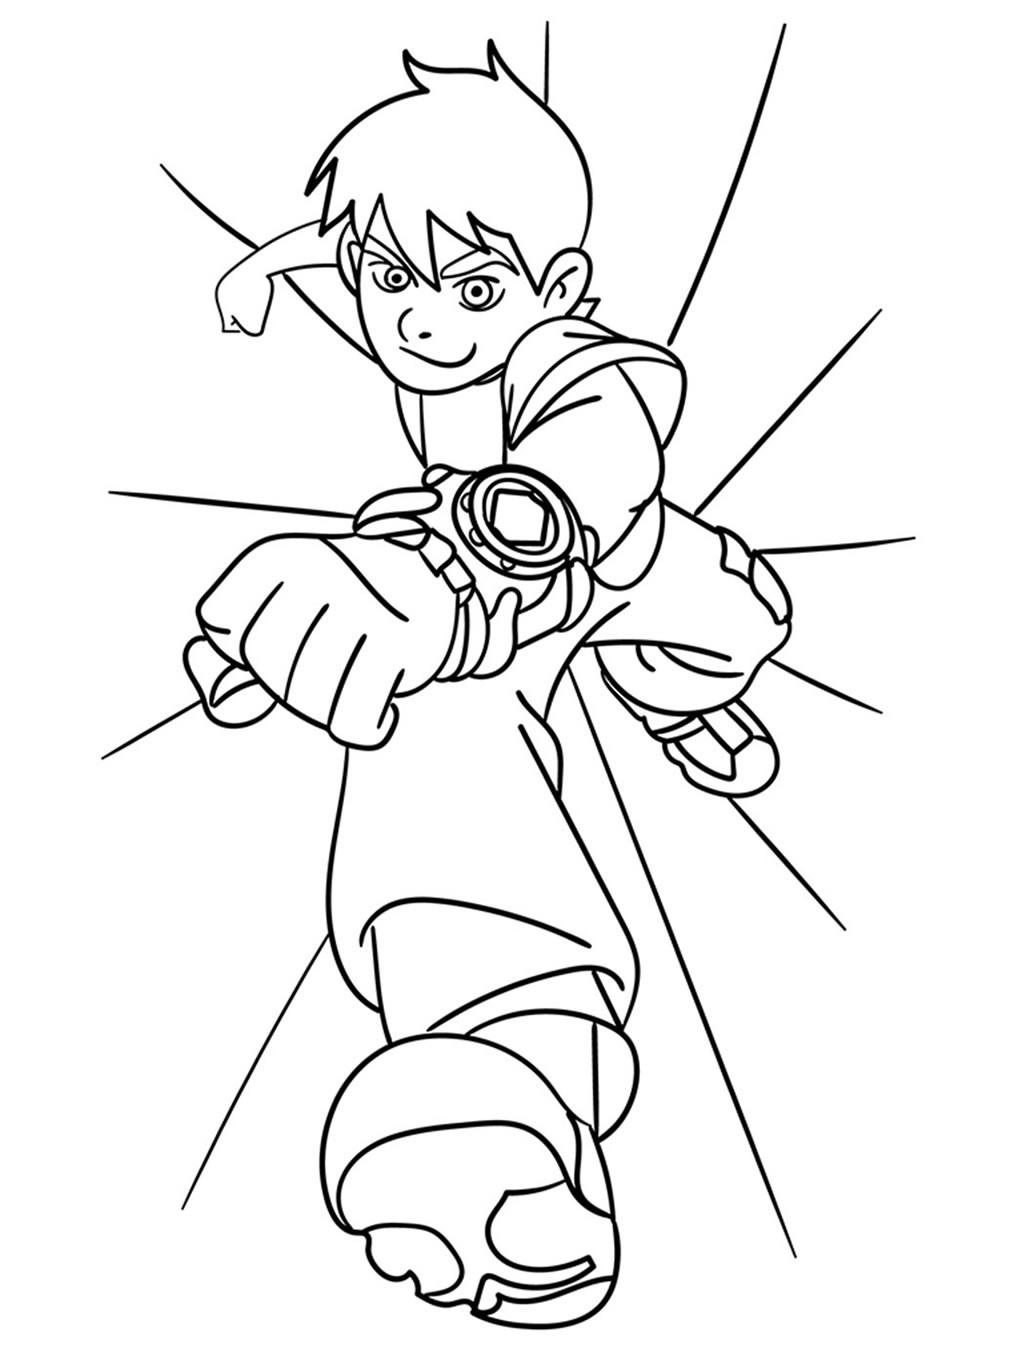 Desenho de Ben 10 para pintar